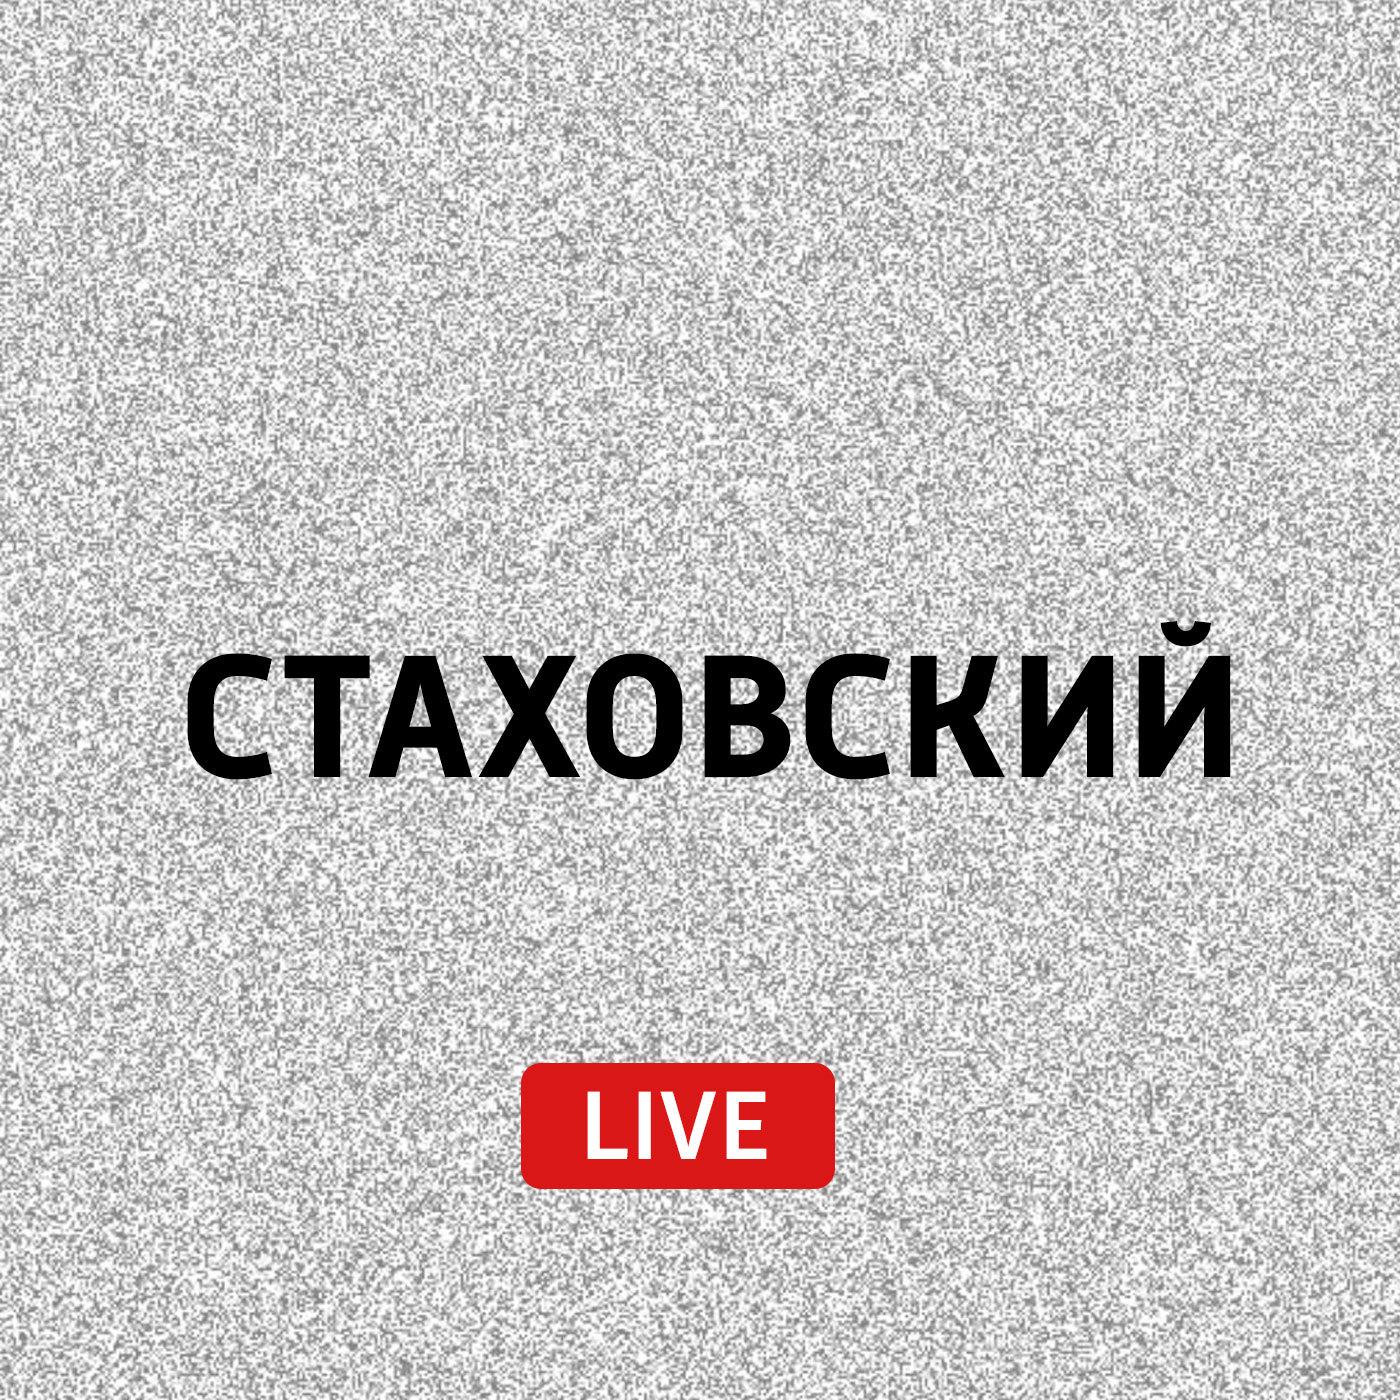 Евгений Стаховский Фестиваль кино евгений стаховский возвращение